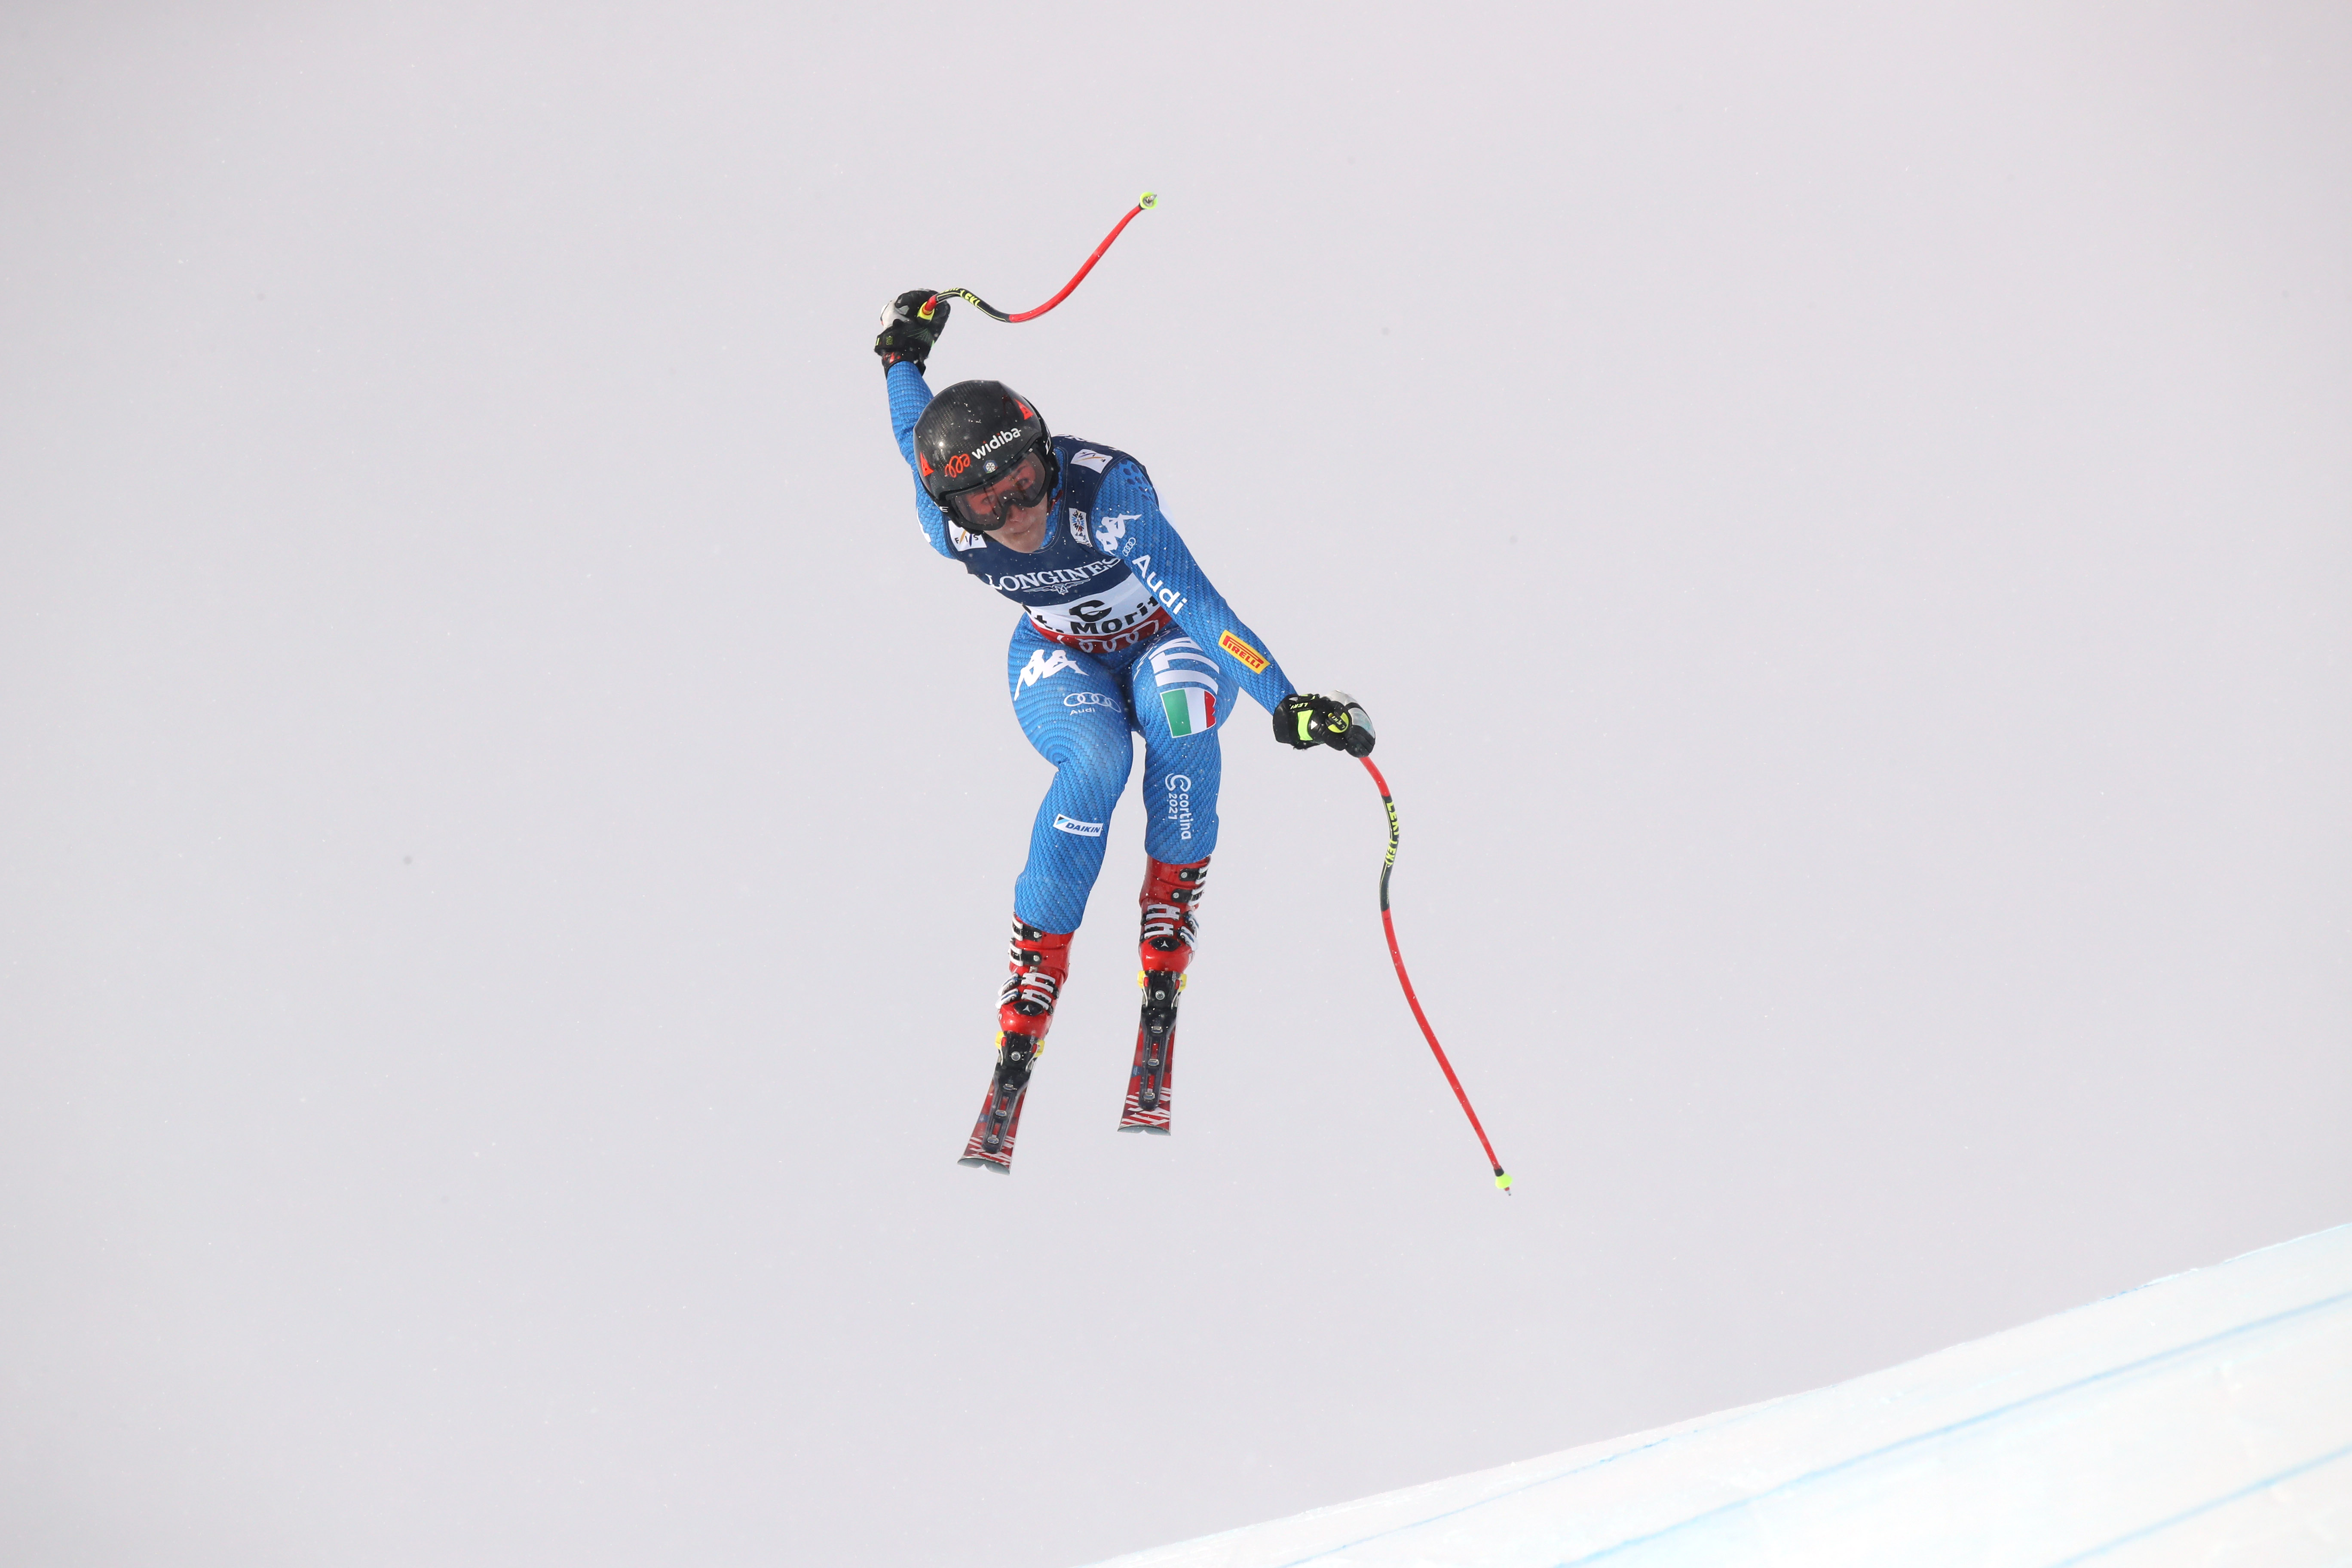 Mondiali sci, Stuhec d'oro. Goggia battuta, è 4^